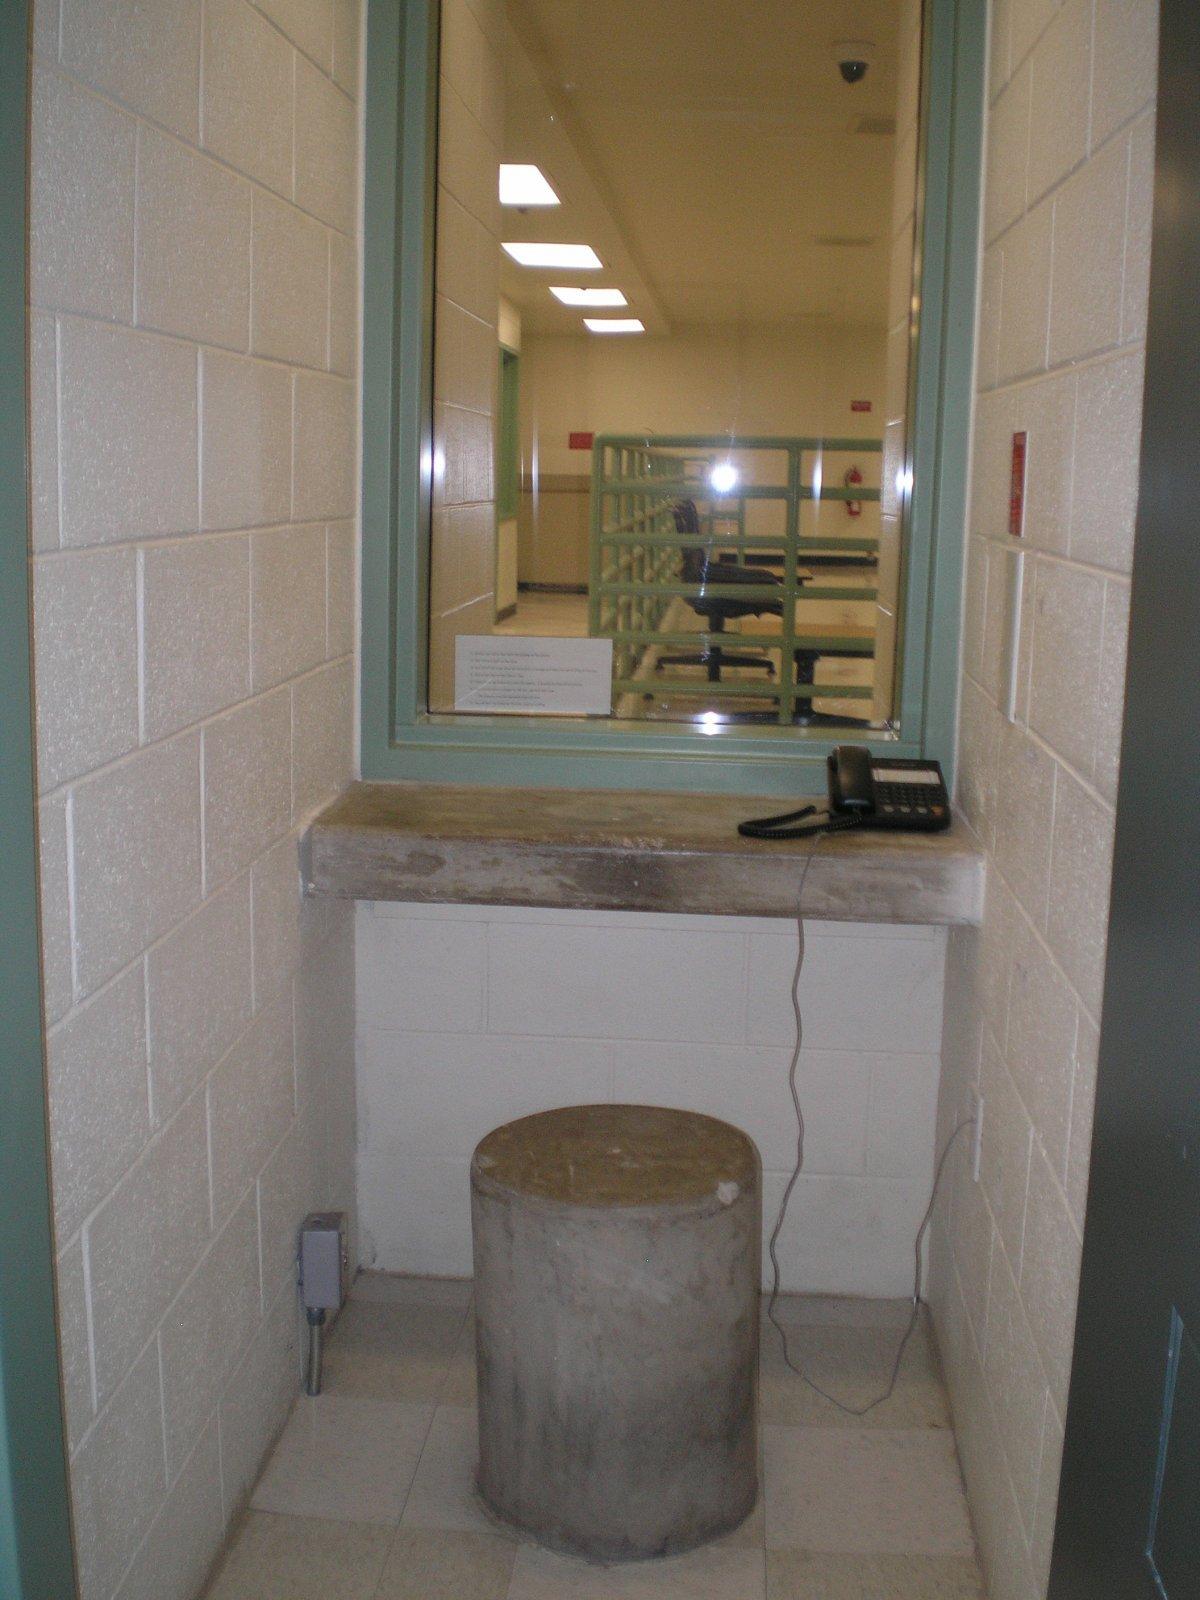 Во время посещений заключенные используют телефон для общения через стеклянную панель. На это время